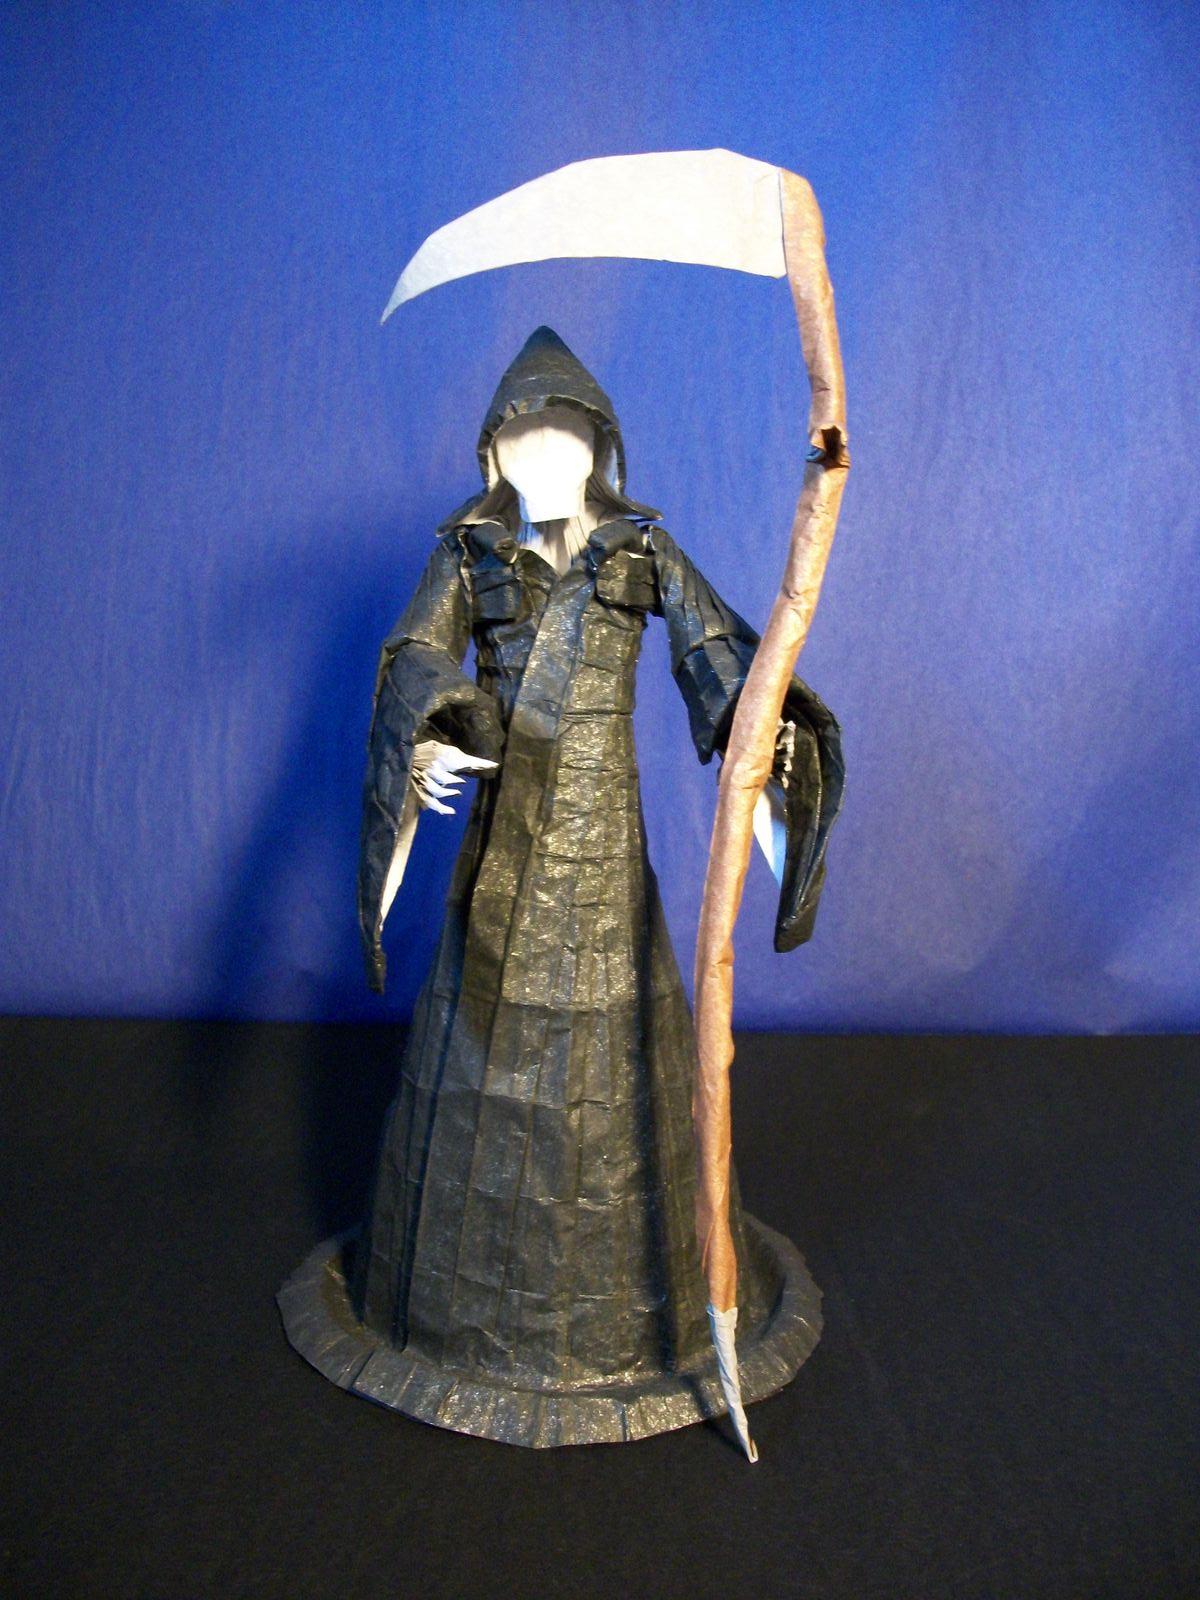 Origami Grim Reaper by Hubert Villeneuve